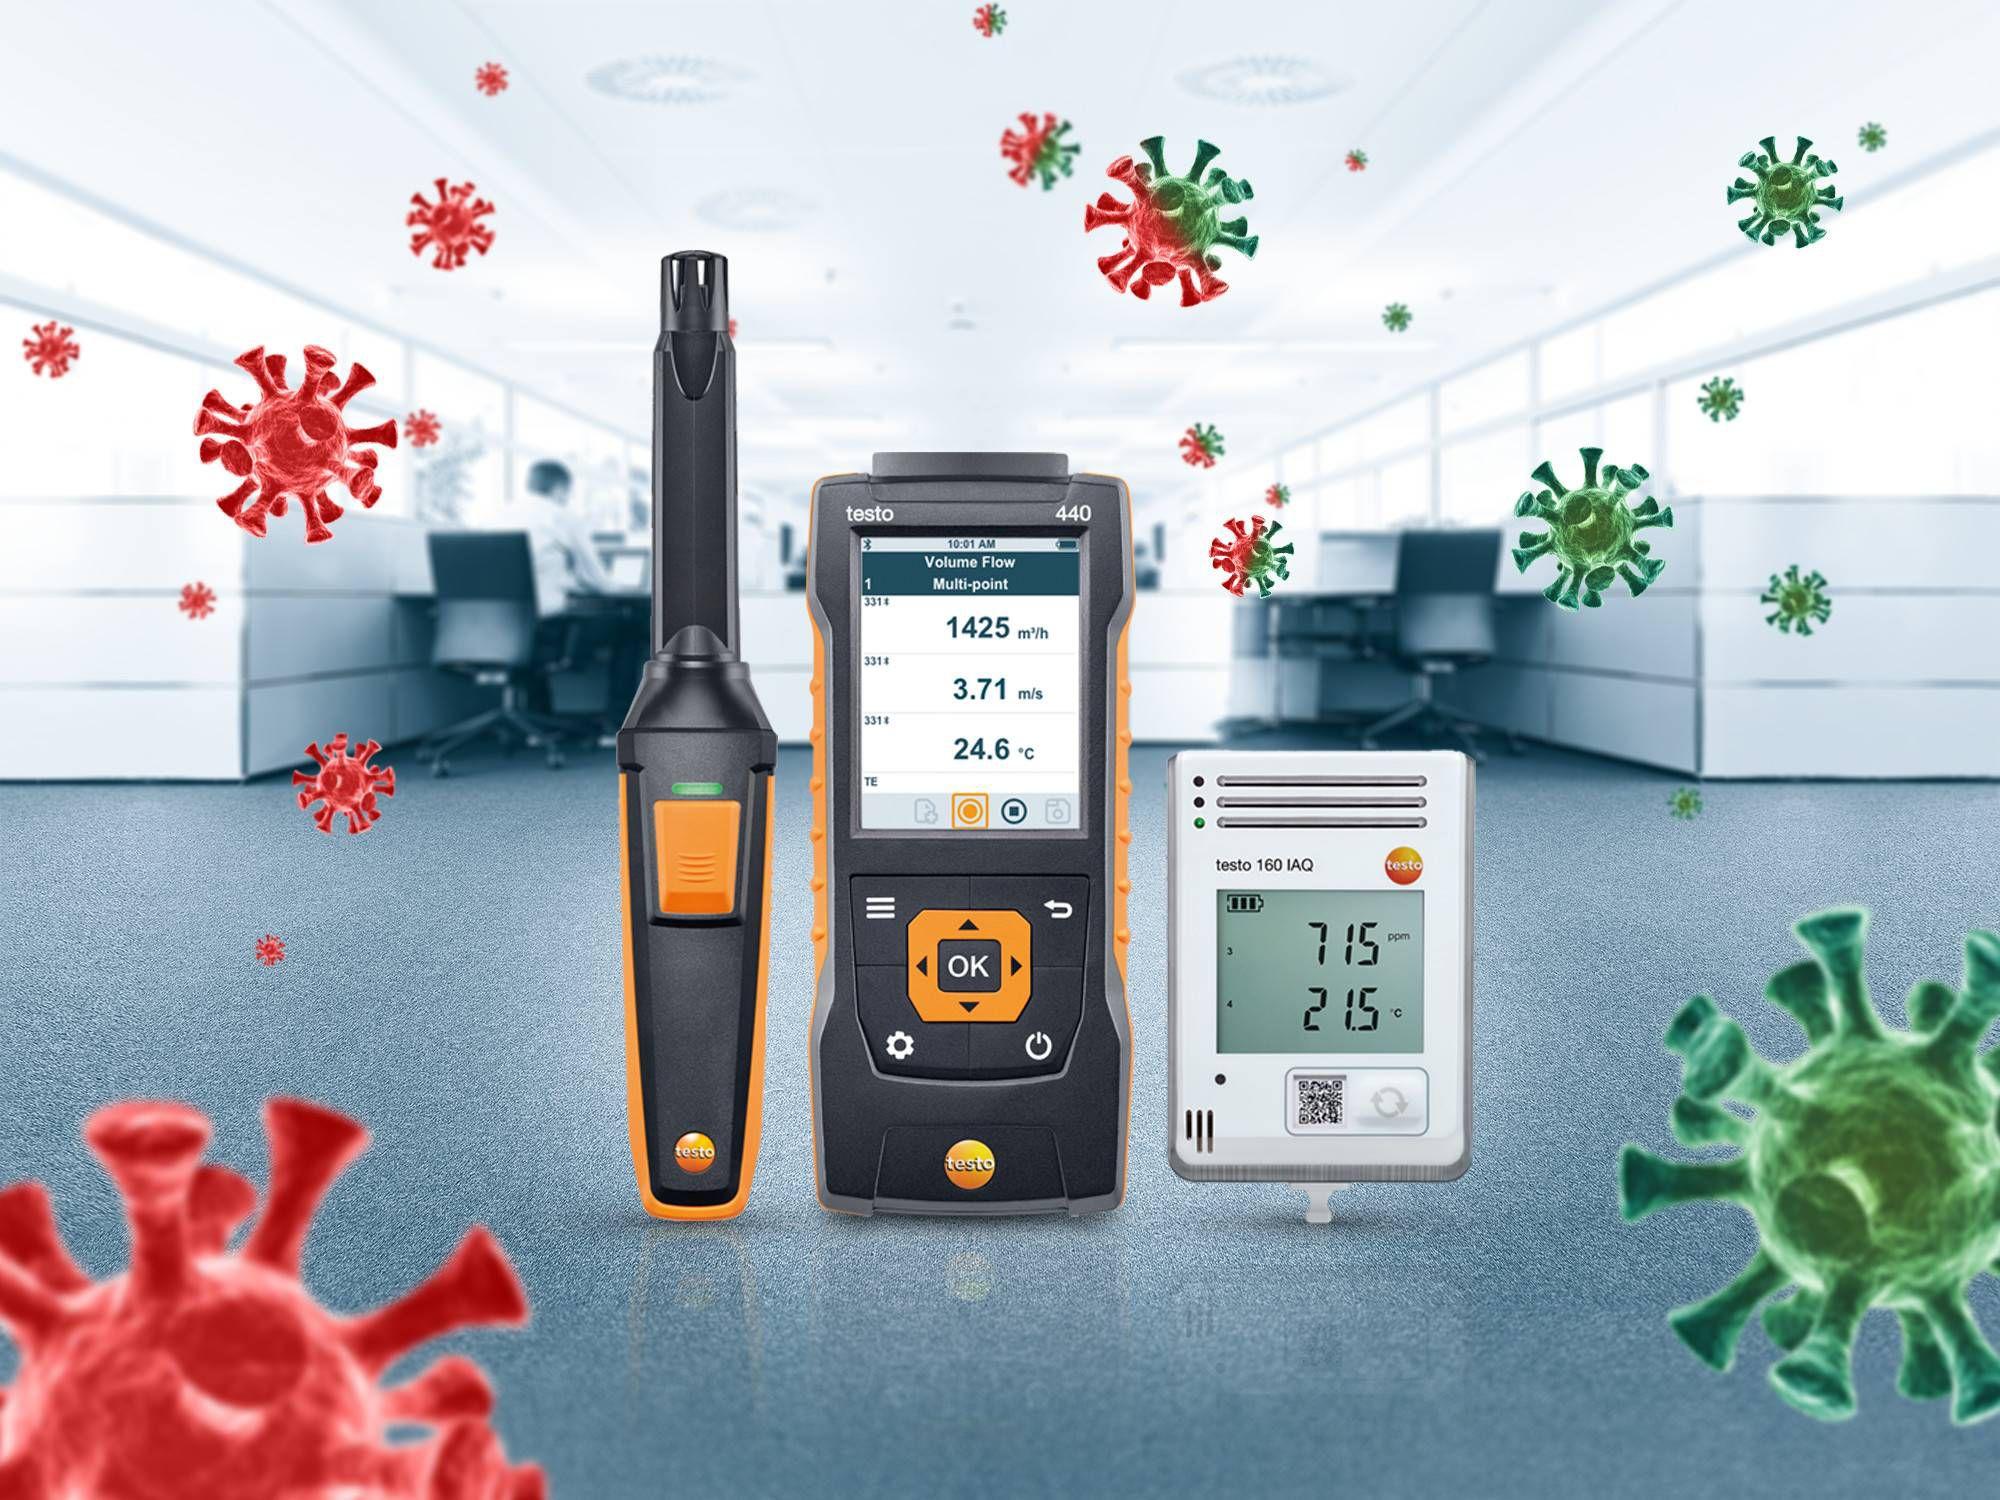 德图室内空气质量舒适度的测量技术多功能测量仪